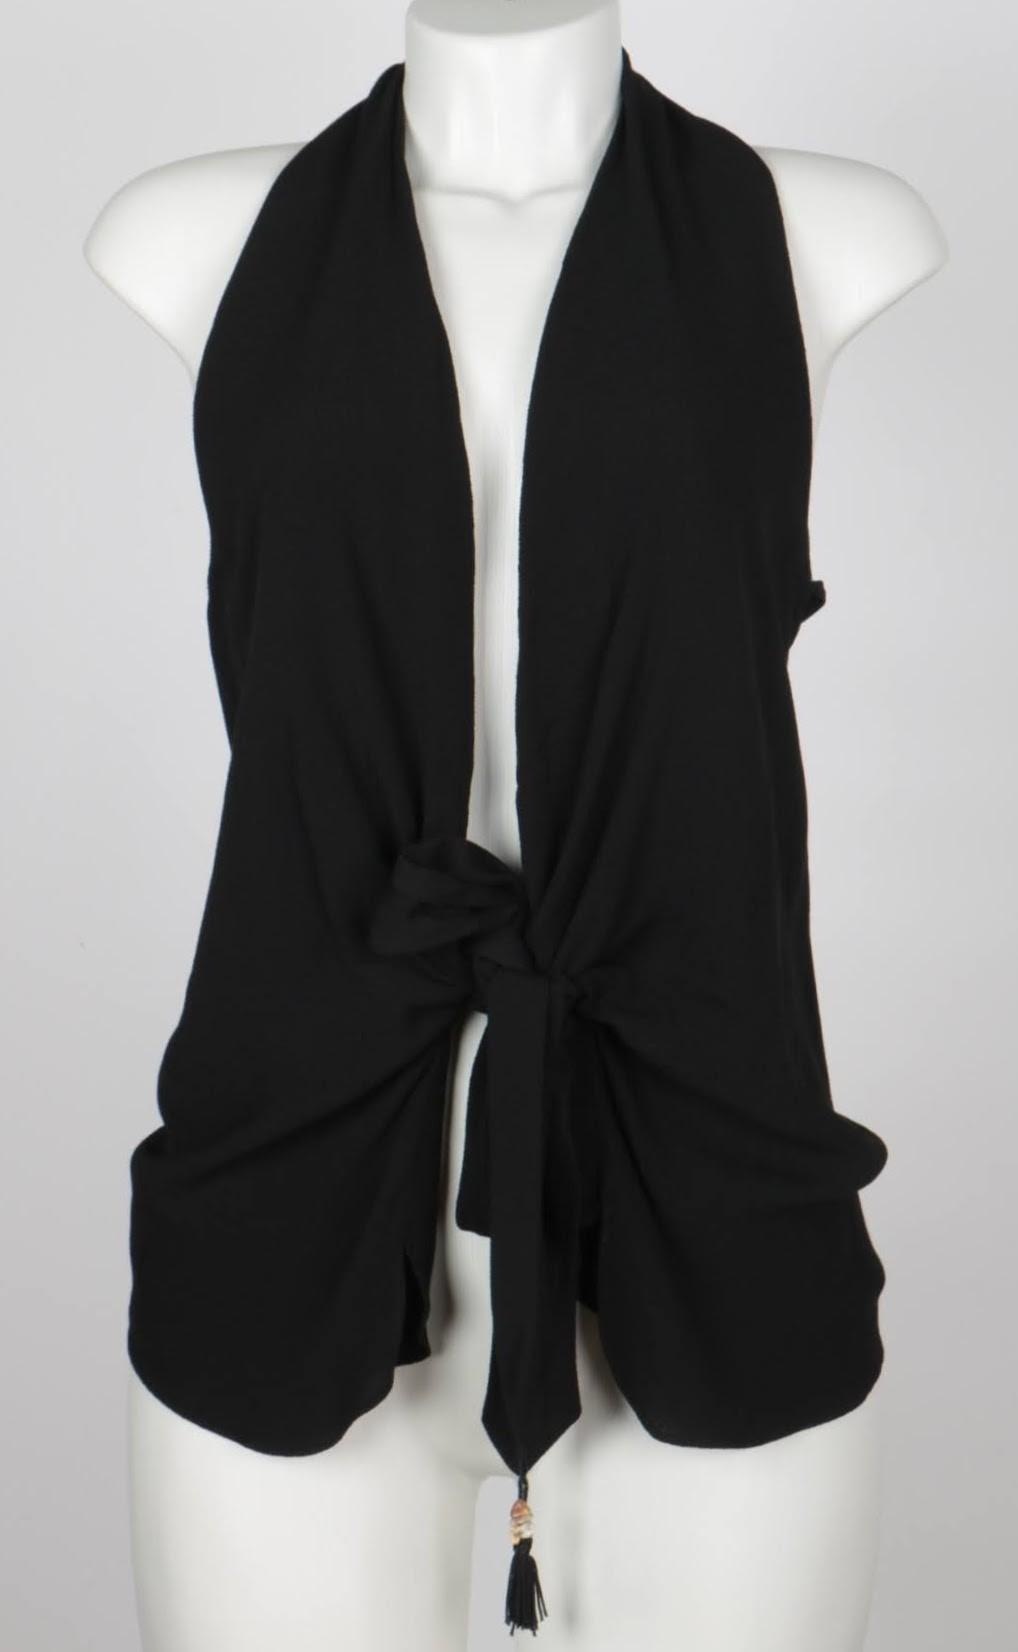 Blusa Frente Ùnica - Cris Barros - 36